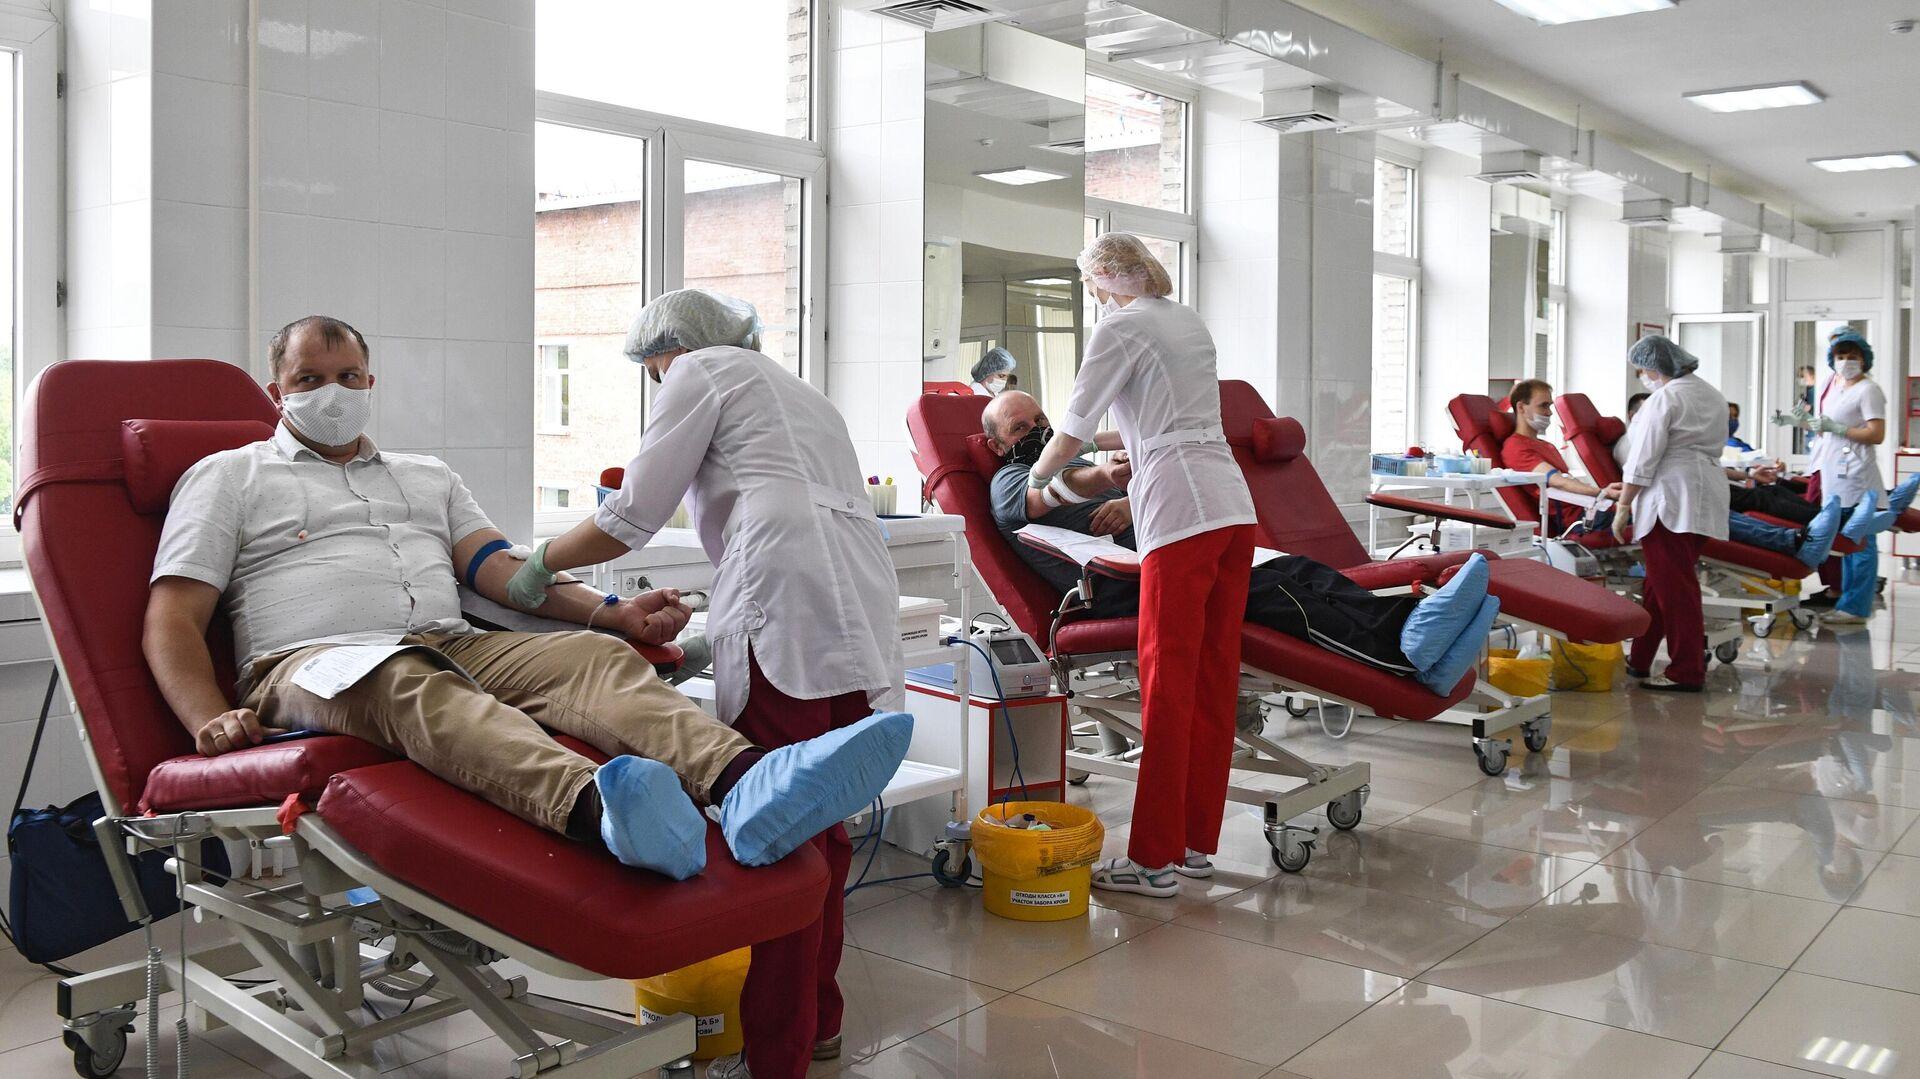 Доноры во время сдачи крови в клиническом центре крови - РИА Новости, 1920, 10.06.2021